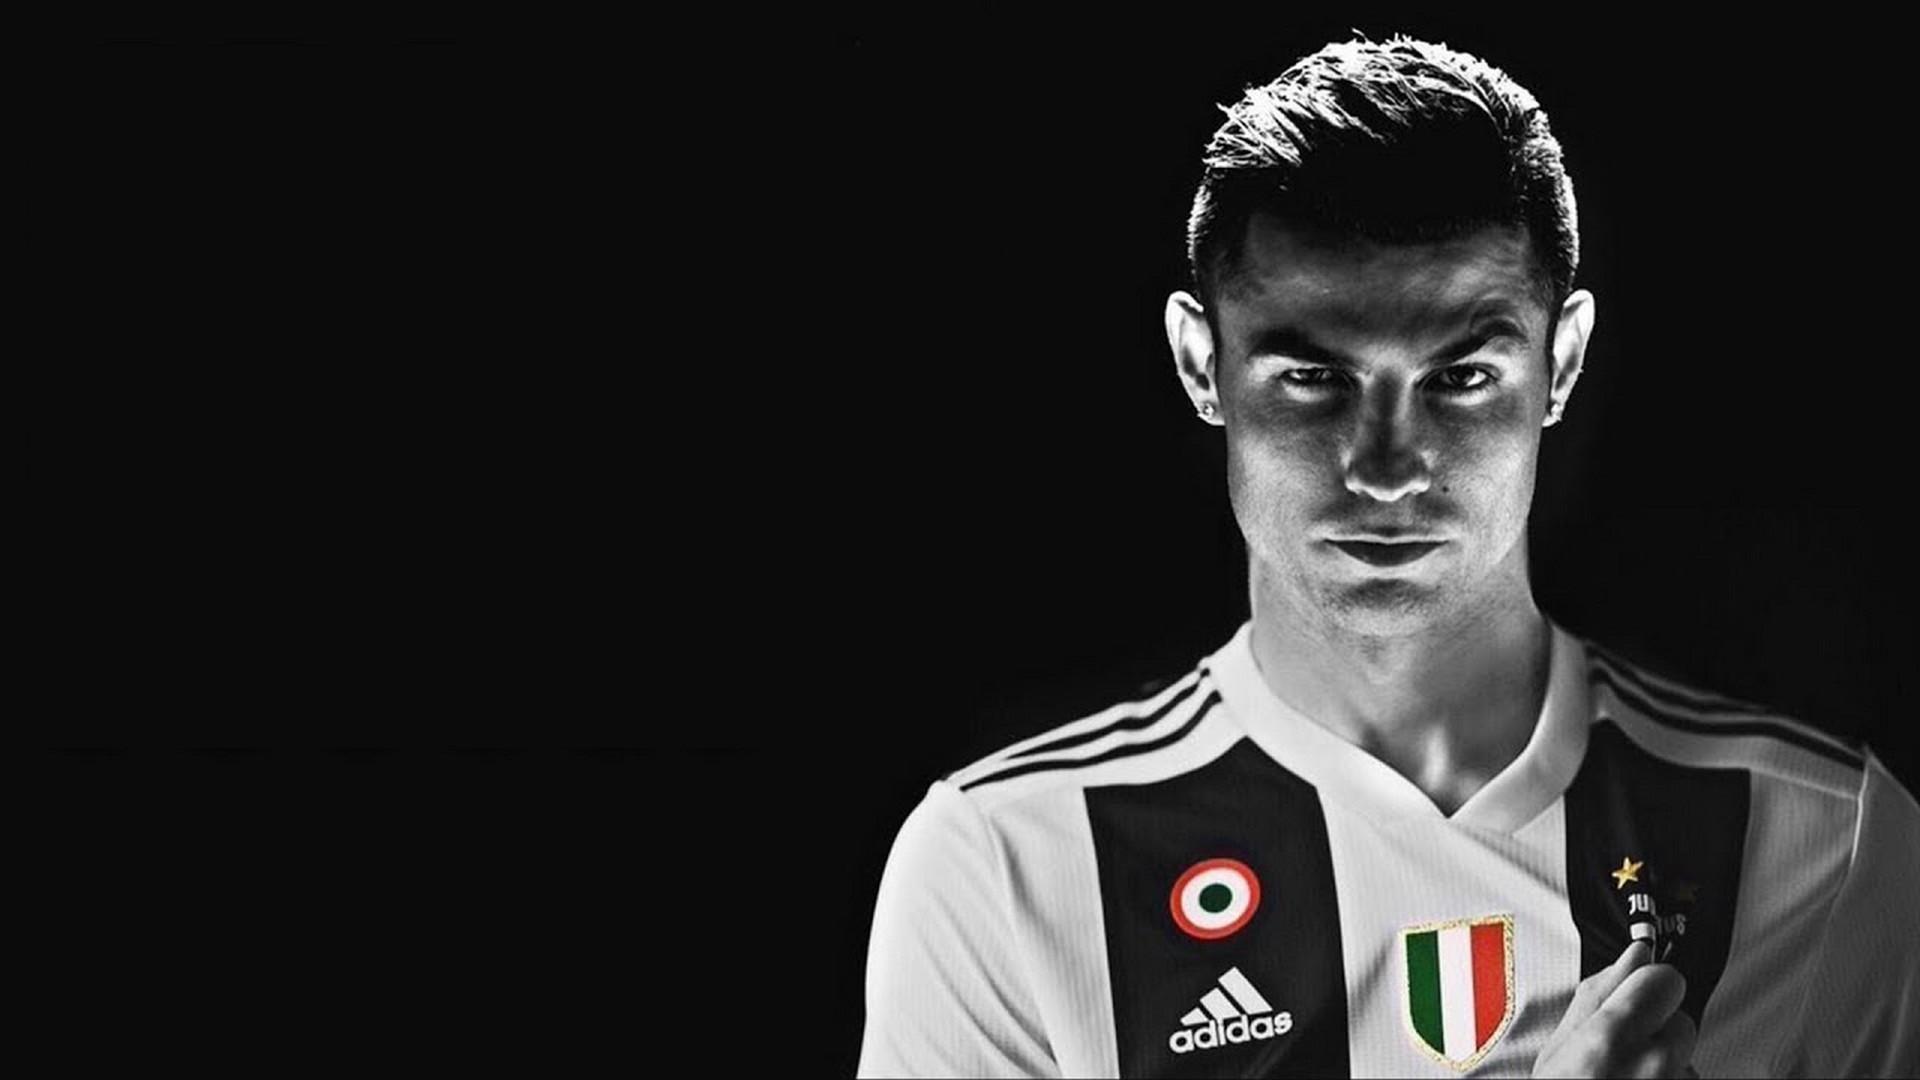 Cực sốc khi so sánh mức lương của Ronaldo với các đồng đội Juventus - Ảnh